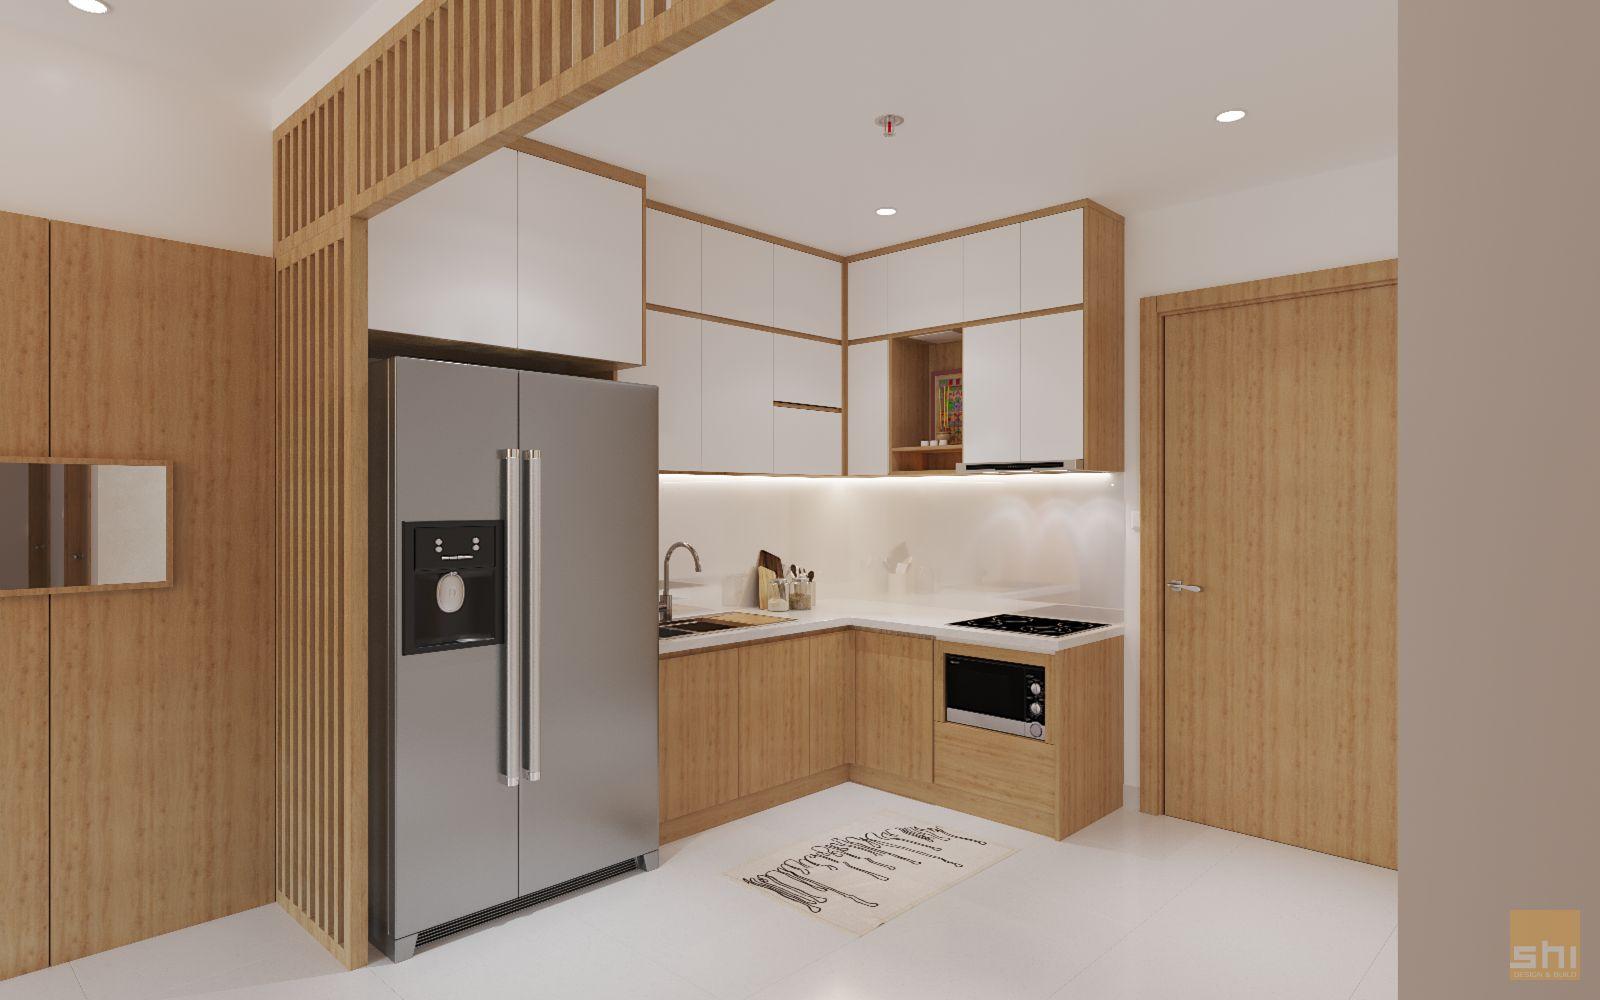 thiết kế nội thất căn hộ 70m2 - 03